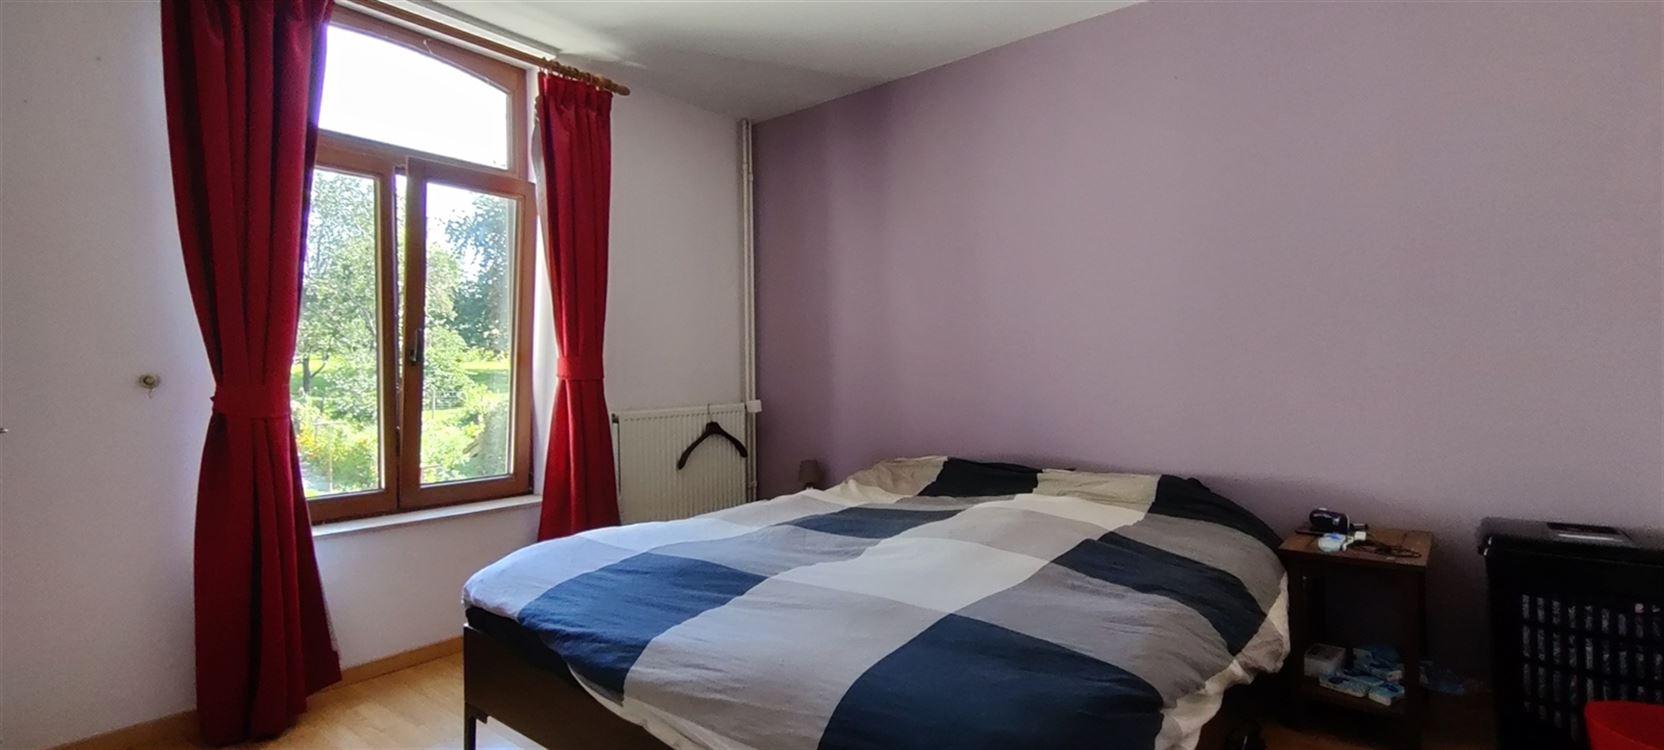 Foto 4 : Huis te 1490 COURT-SAINT-ETIENNE (België) - Prijs € 399.000